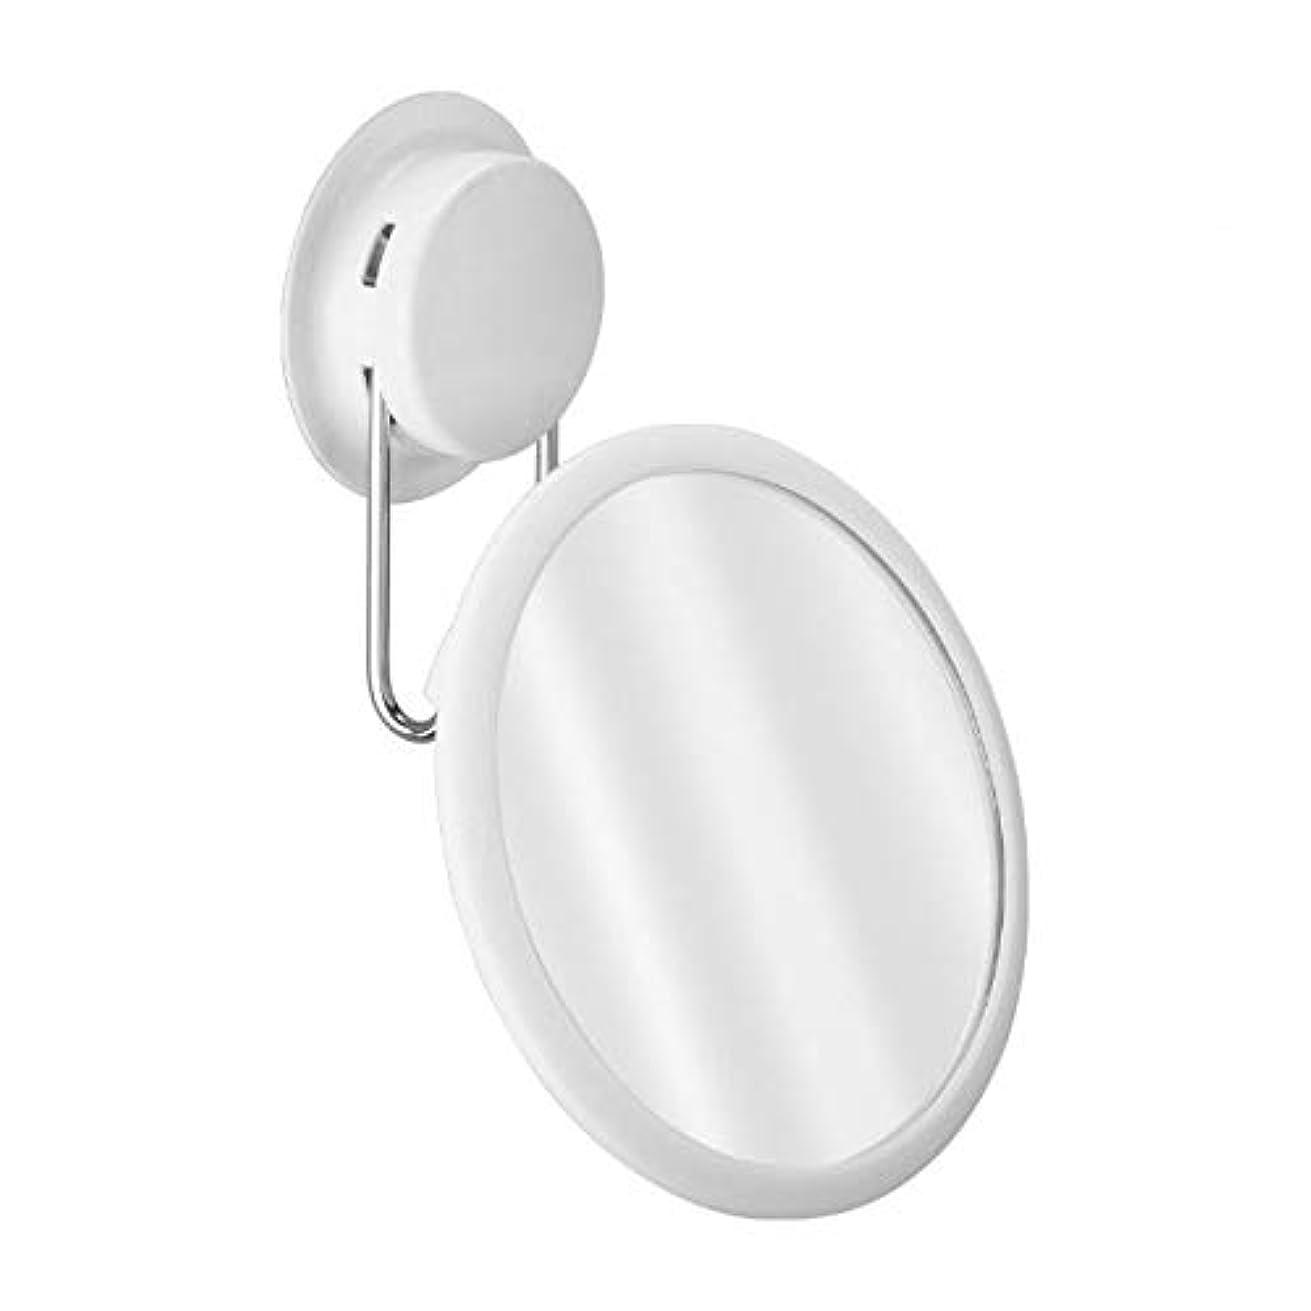 結核消費者ミスペンド化粧鏡、強力な吸盤ラック無料パンチ浴室洗面化粧台ミラー化粧ギフト